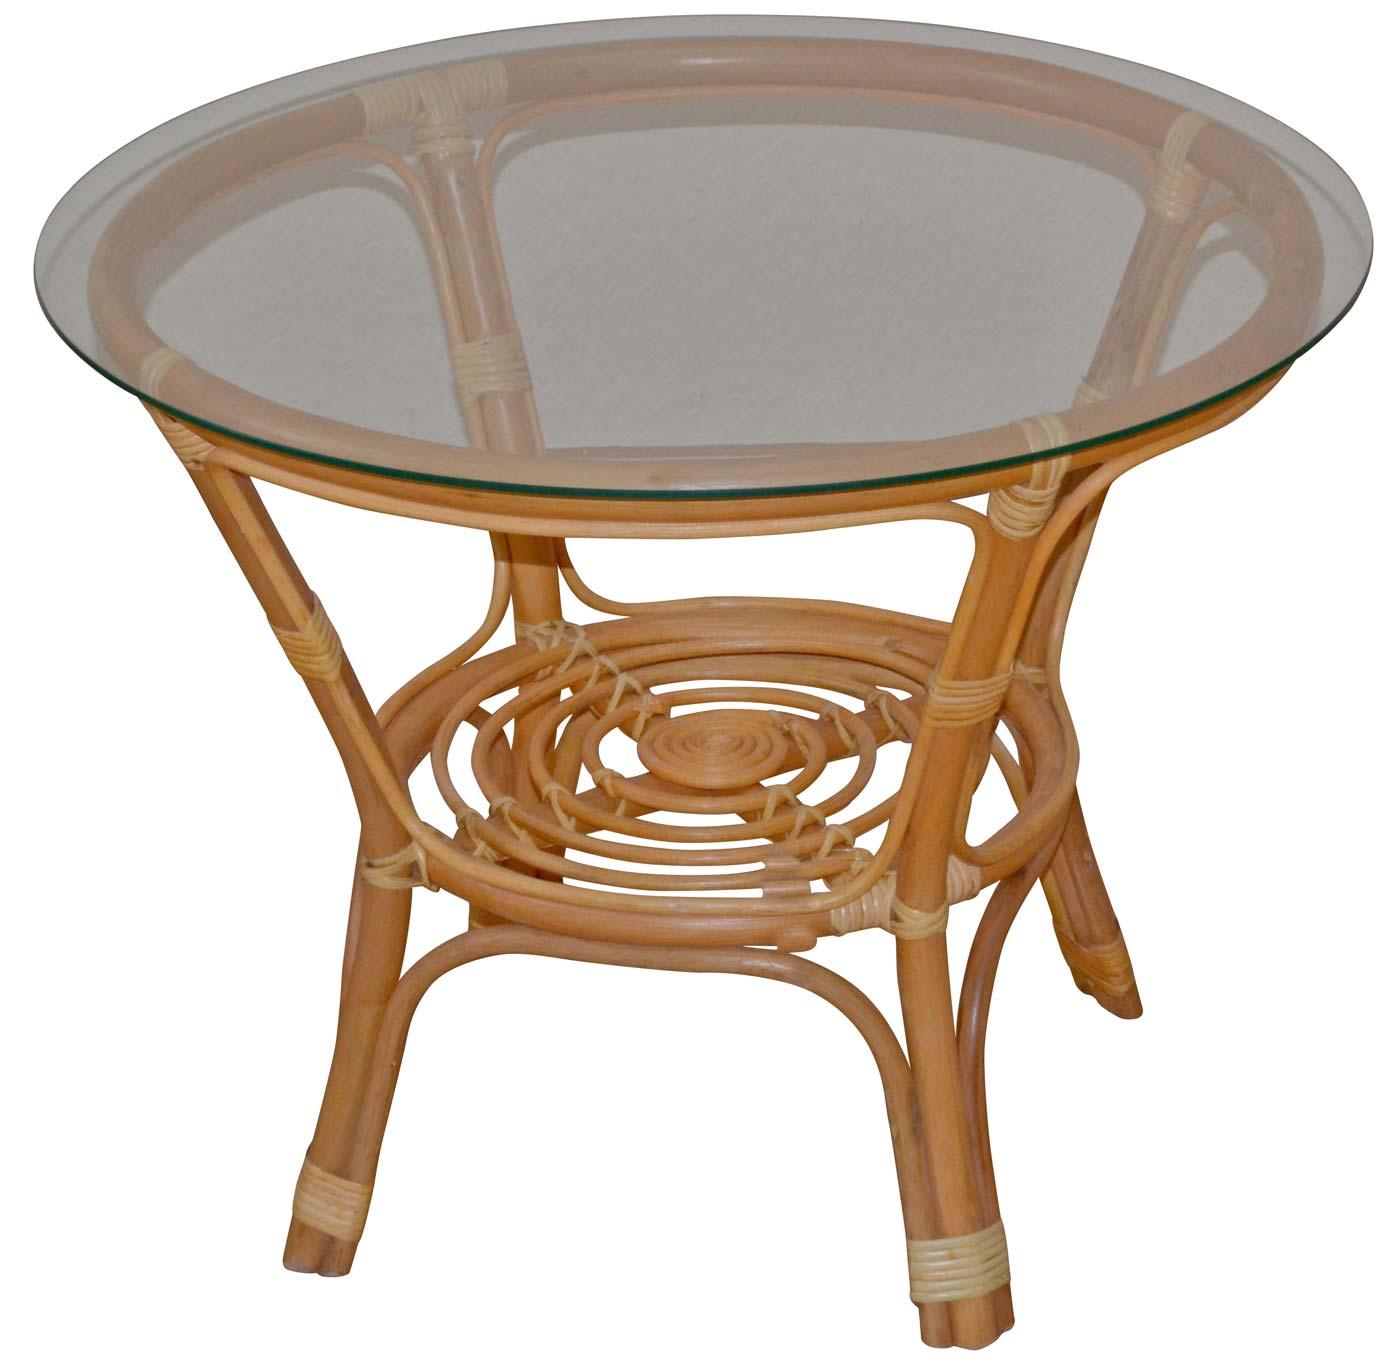 Rattantisch H135 Tisch Beistelltisch Wohnzimmertisch Couchtisch Honigfarben 57x70x70cm